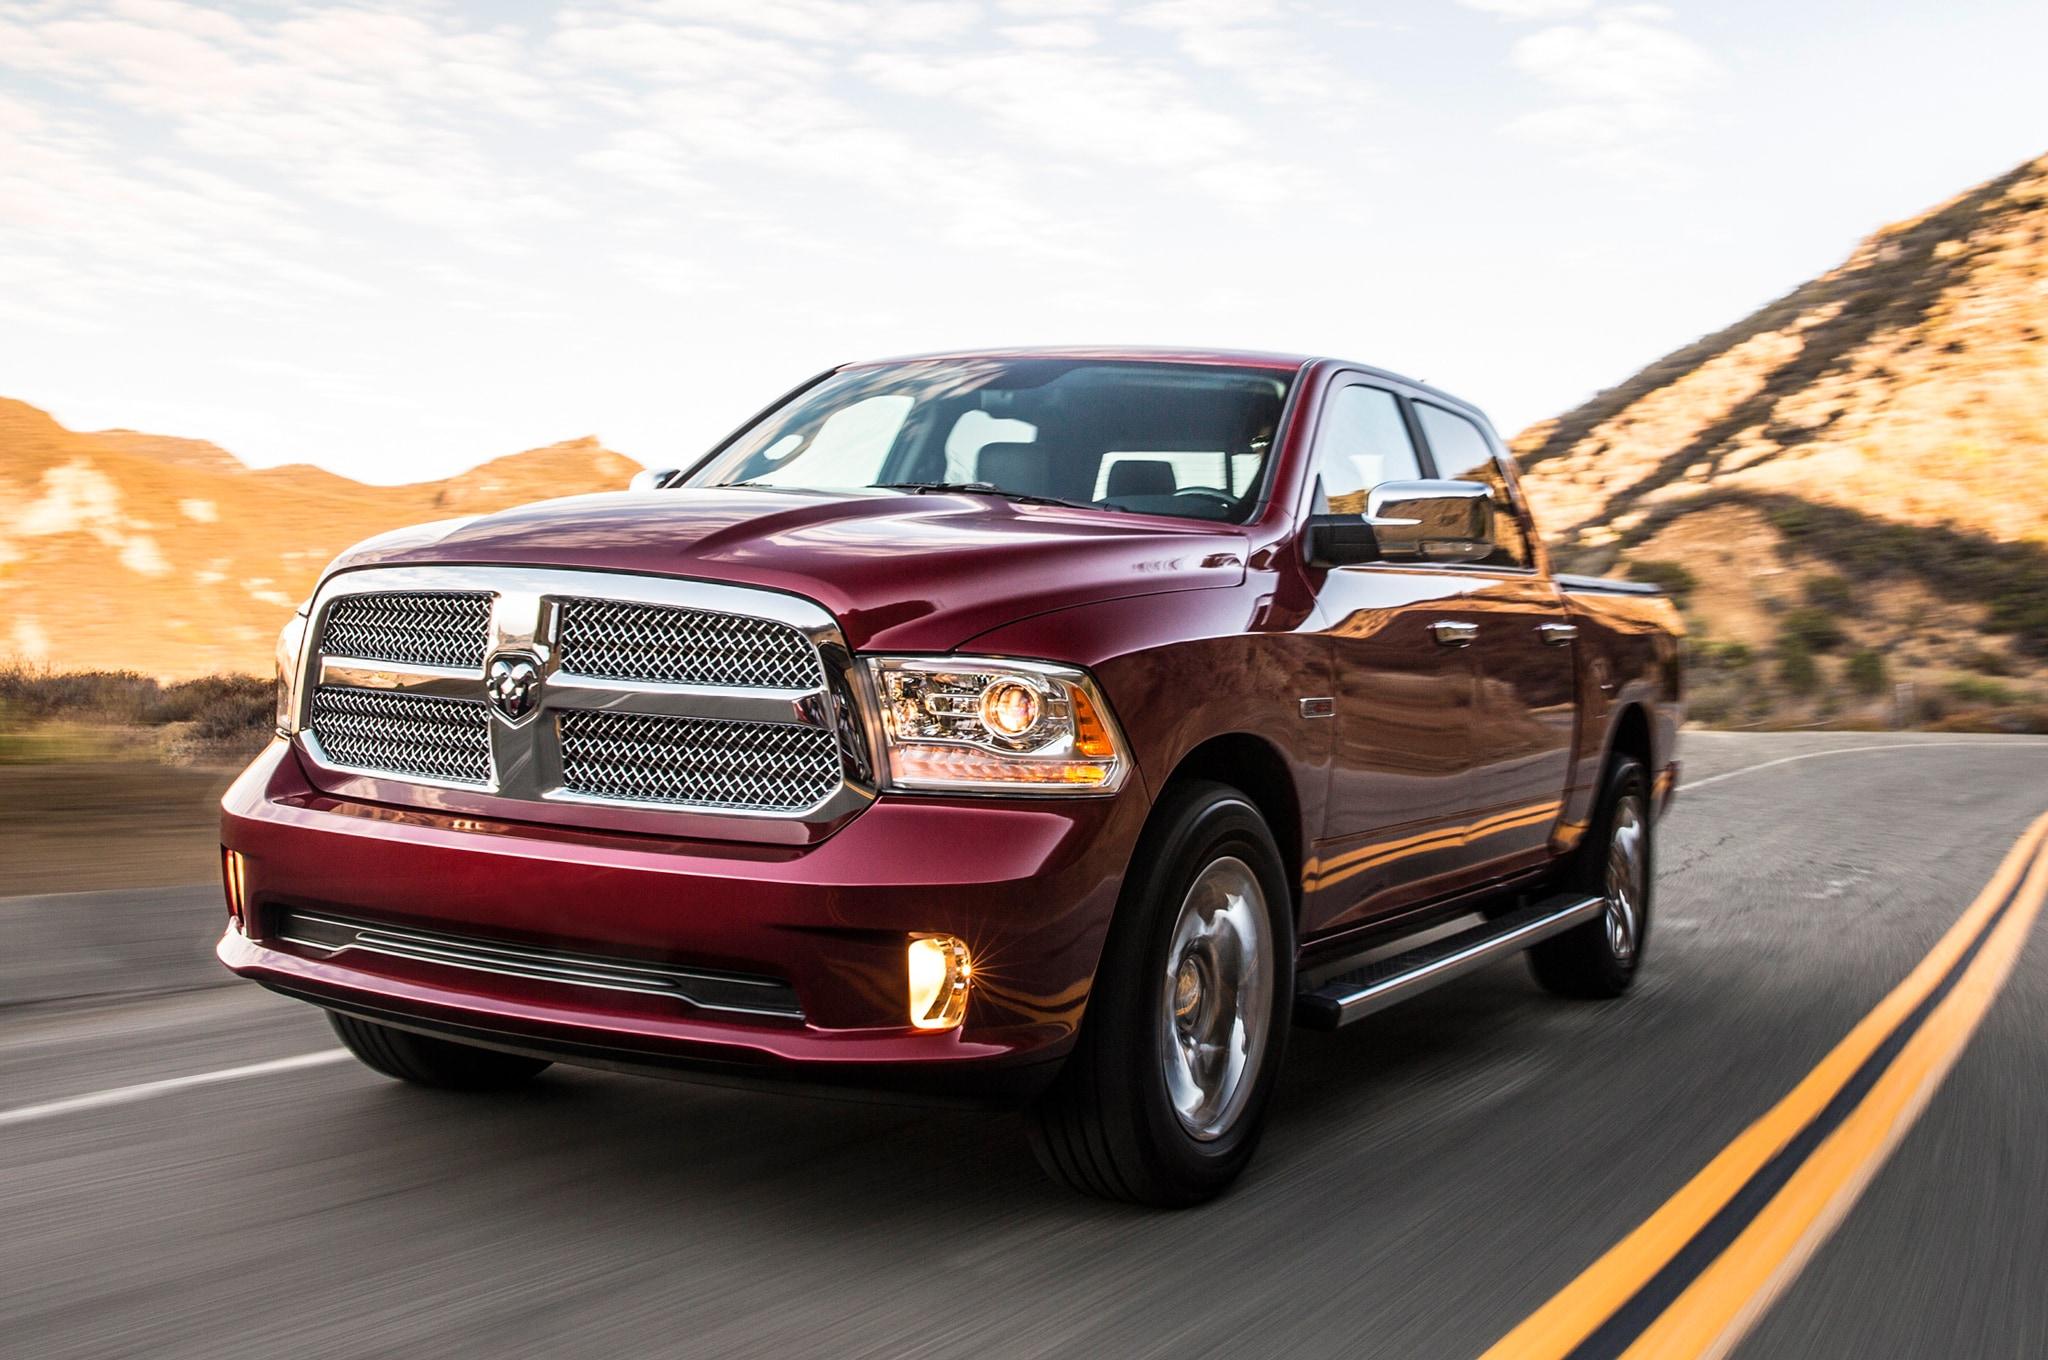 Buy a New Ram in Shreveport | New Ram Trucks Serving Bossier City ...